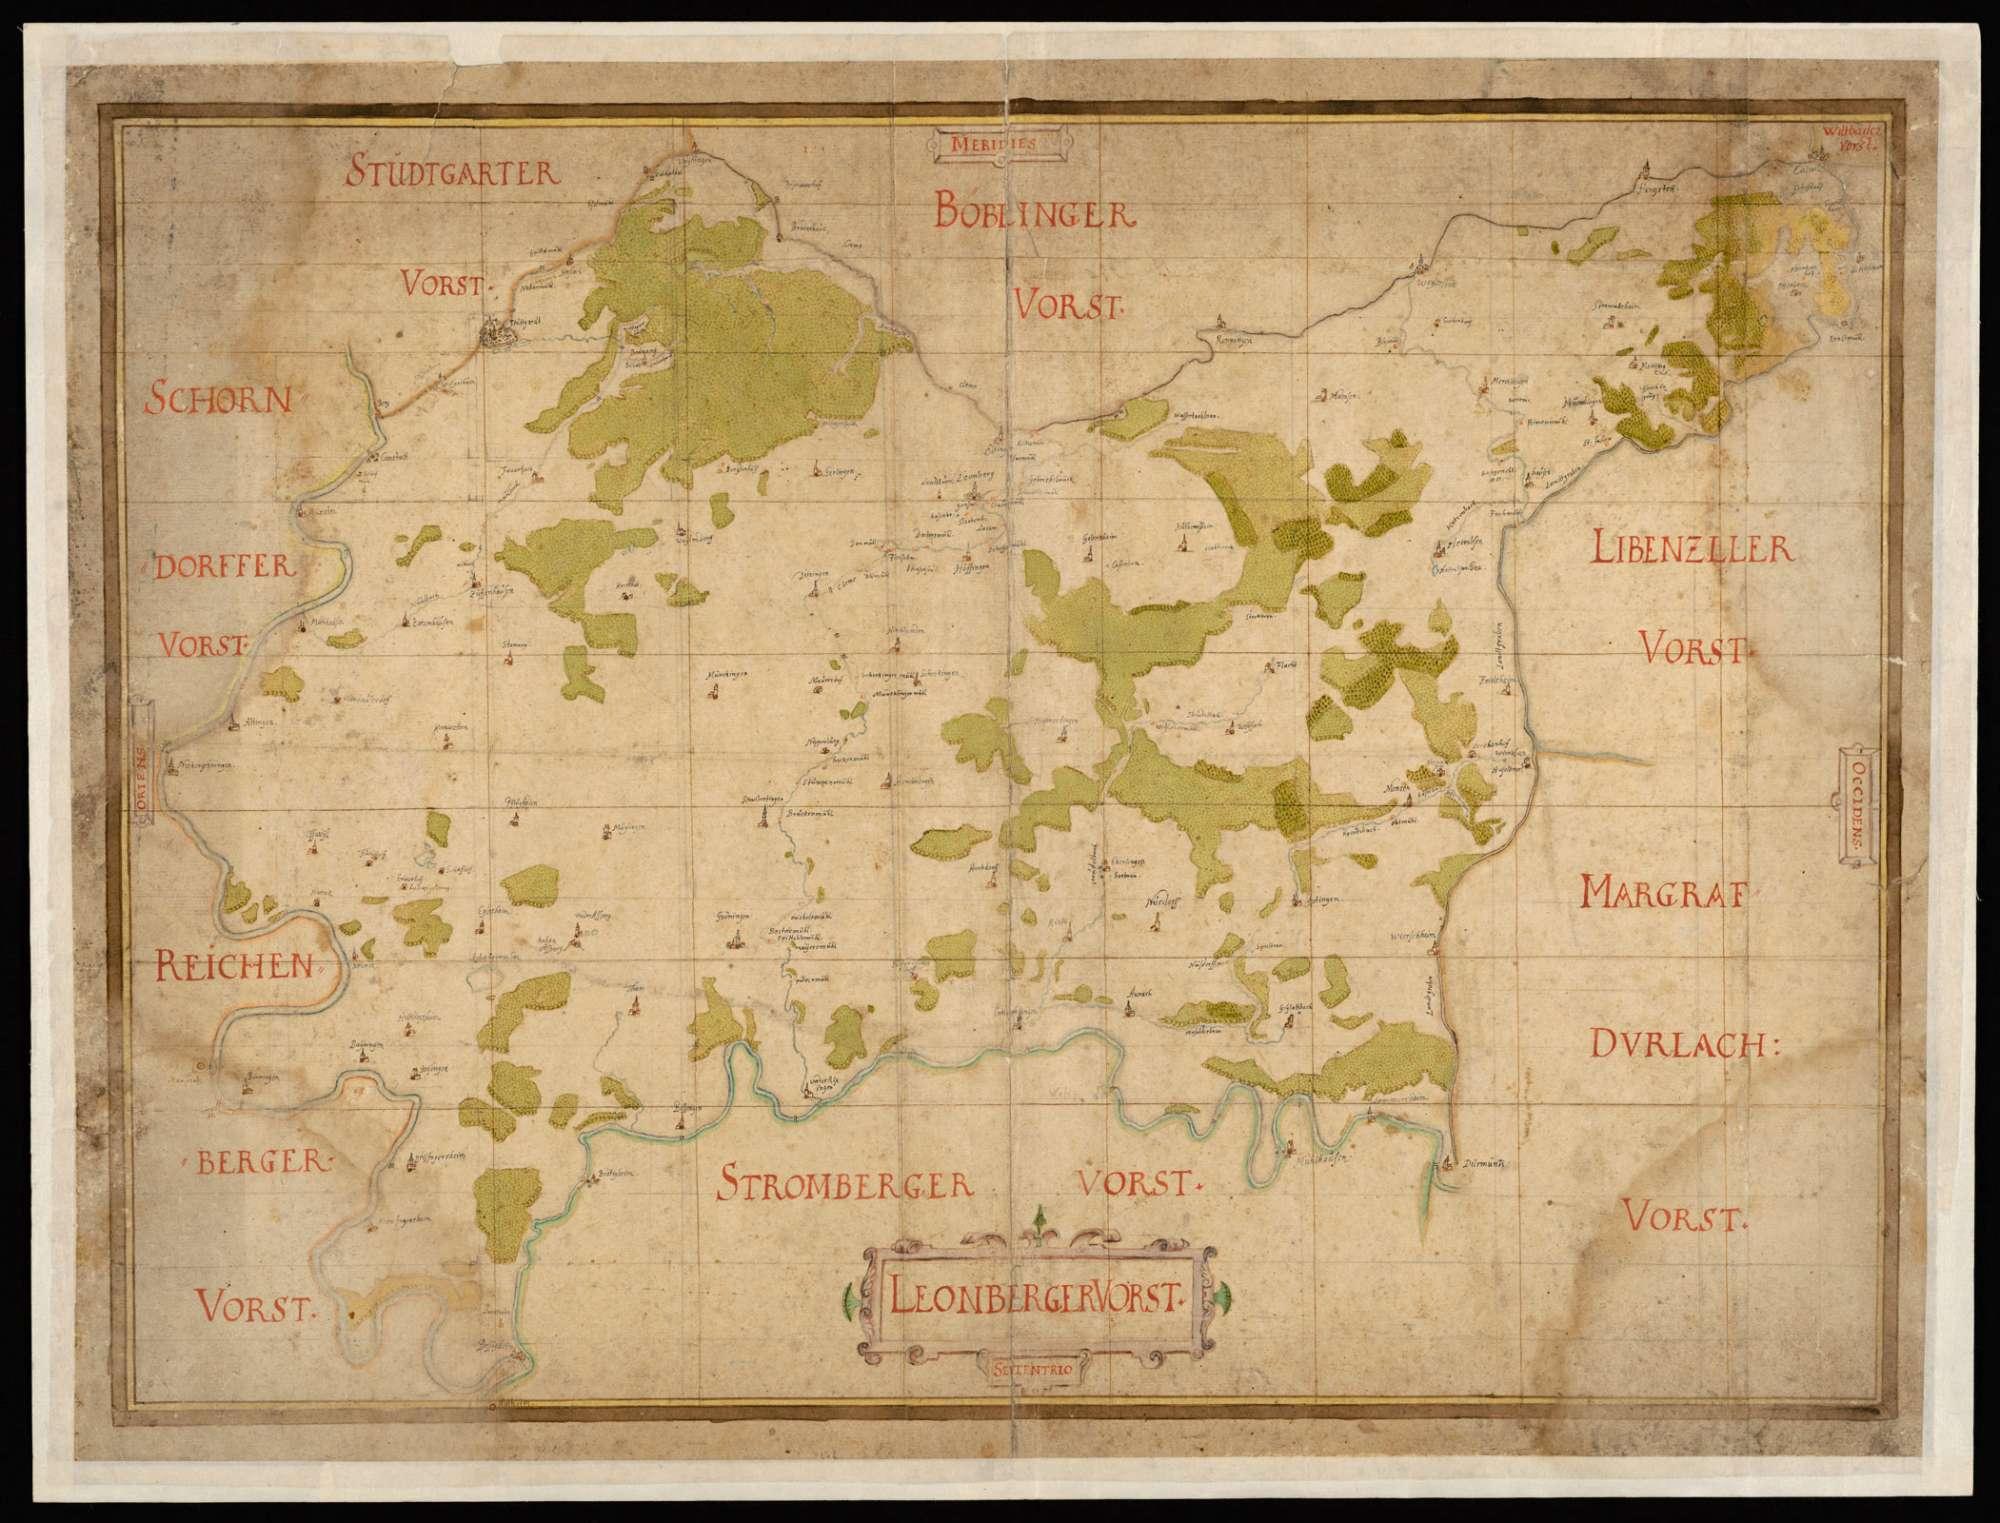 [Karte des Leonberger Forsts], Bild 1